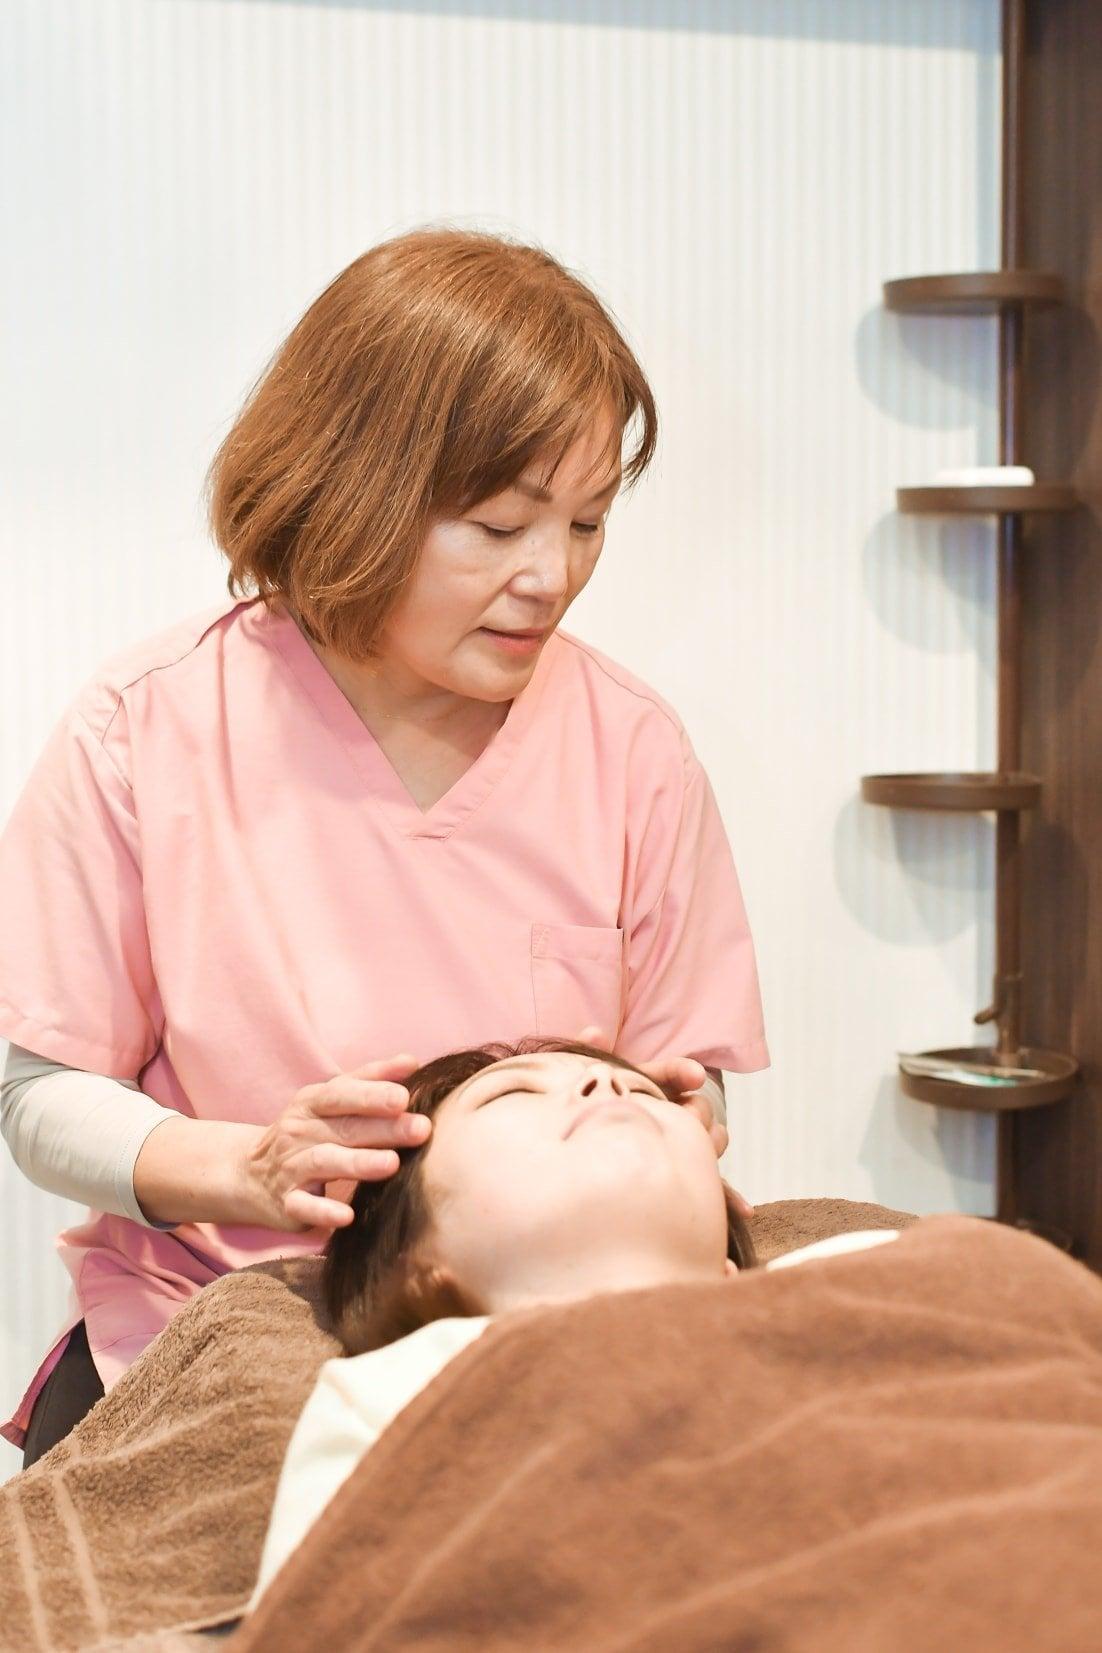 【店頭払い専用】鍼灸施術 (肩こり・腰痛・めまい・頭痛・婦人科系・カラダの痛み・不調)のイメージその2